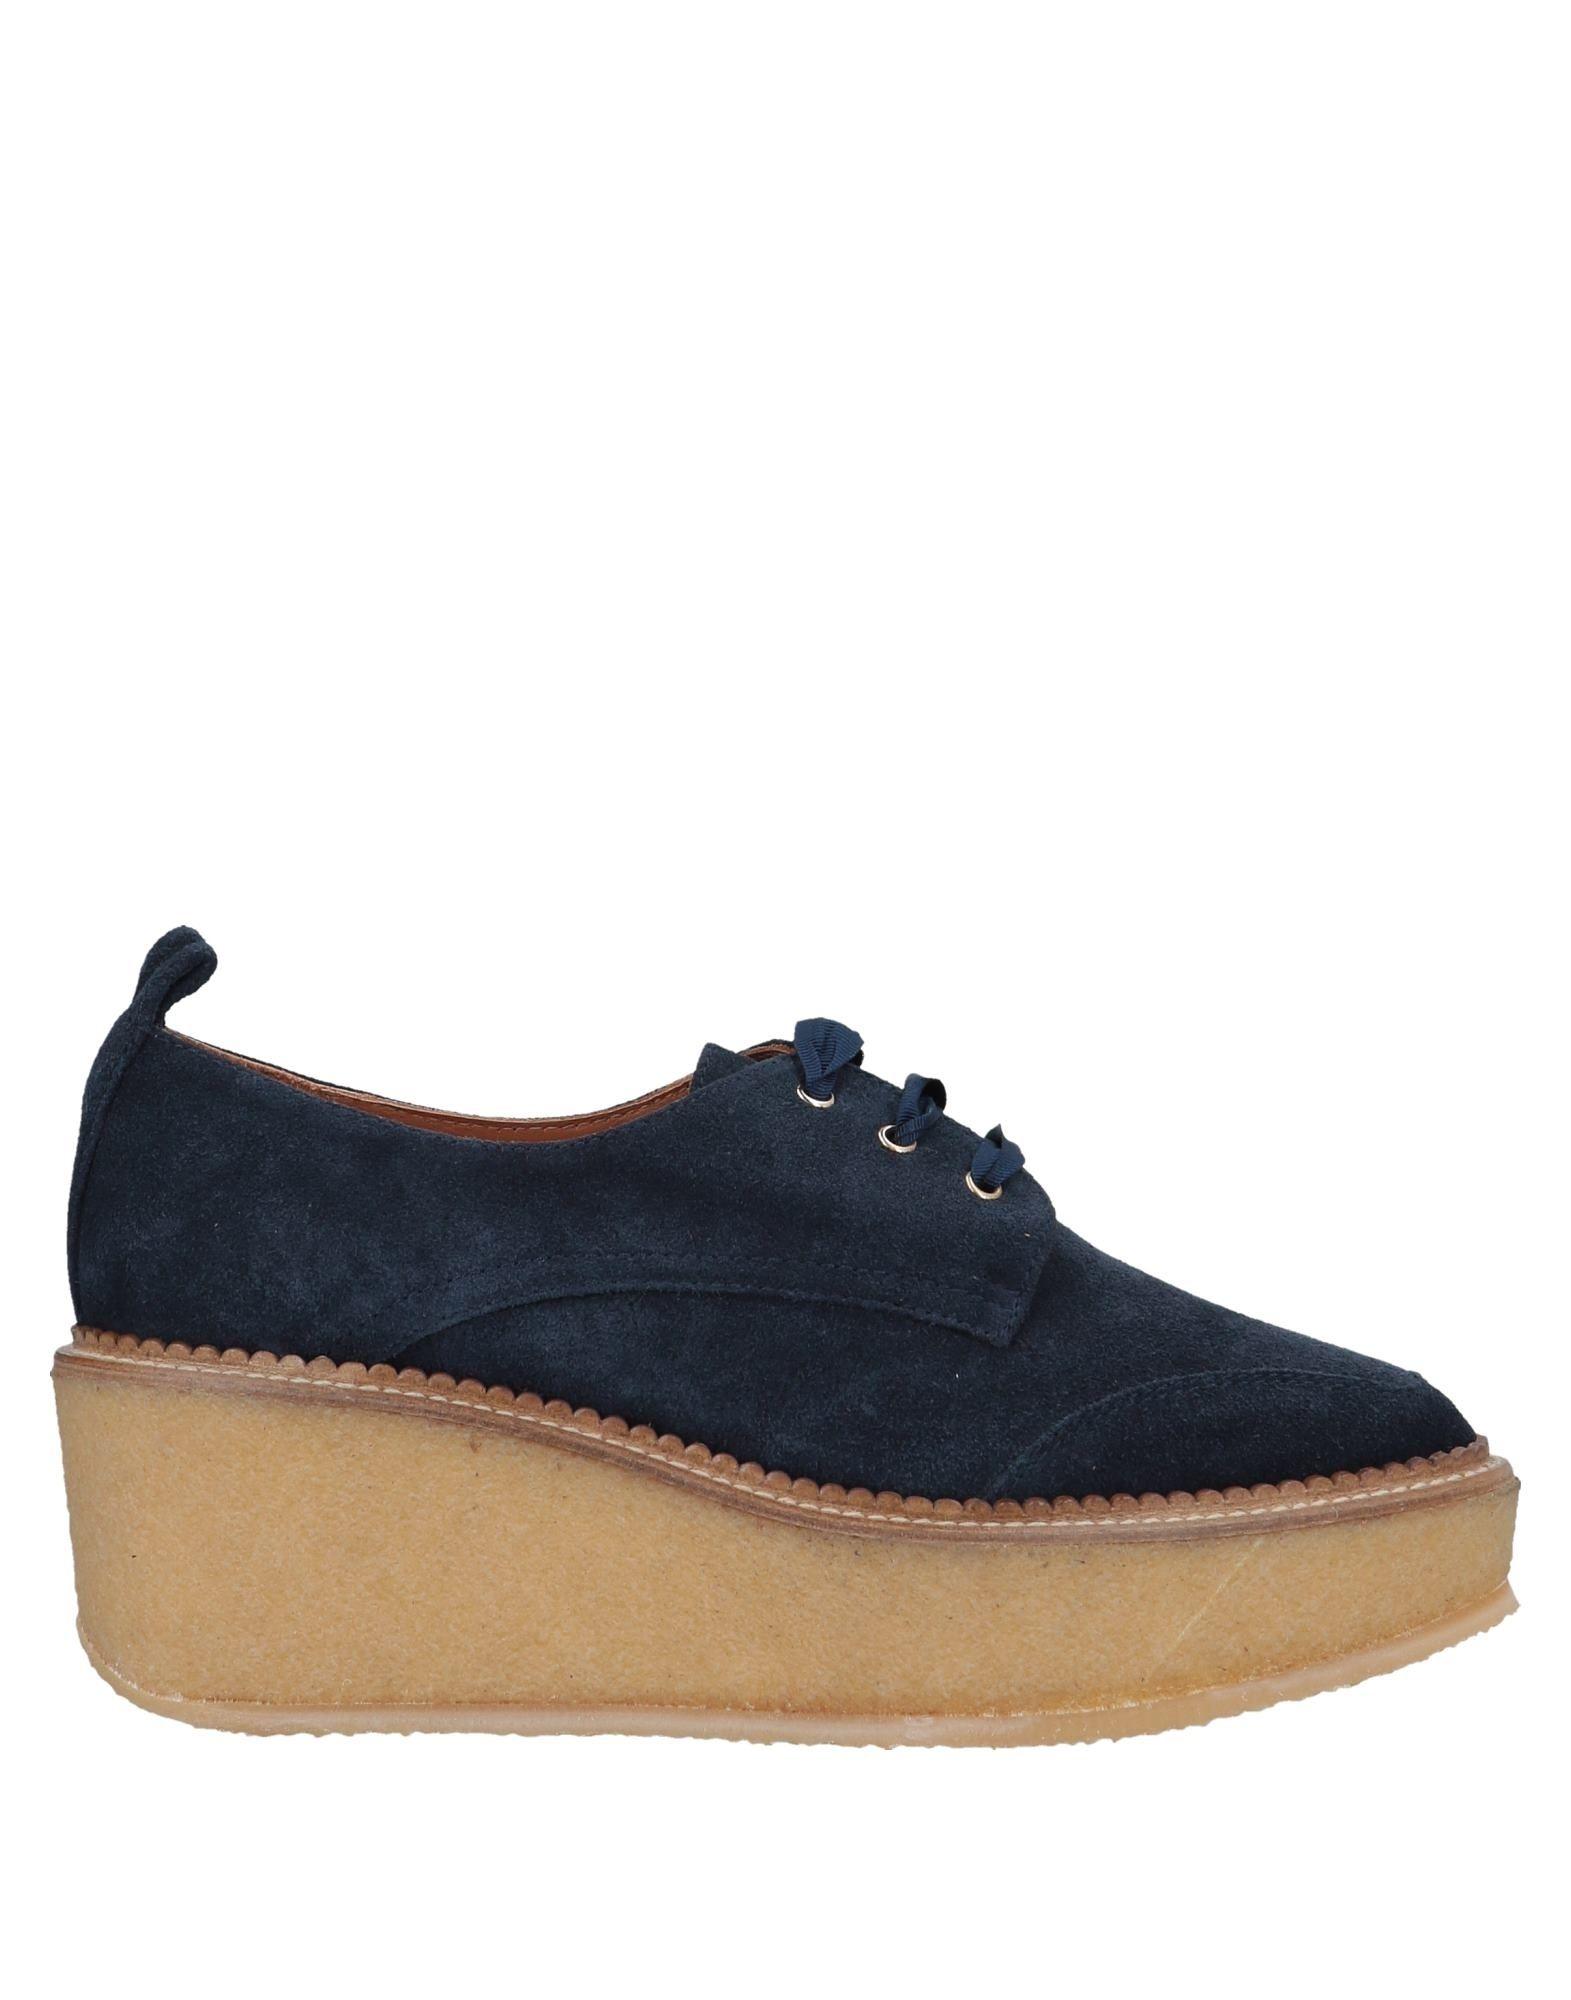 Фото - CASTAÑER Обувь на шнурках обувь на высокой платформе dkny